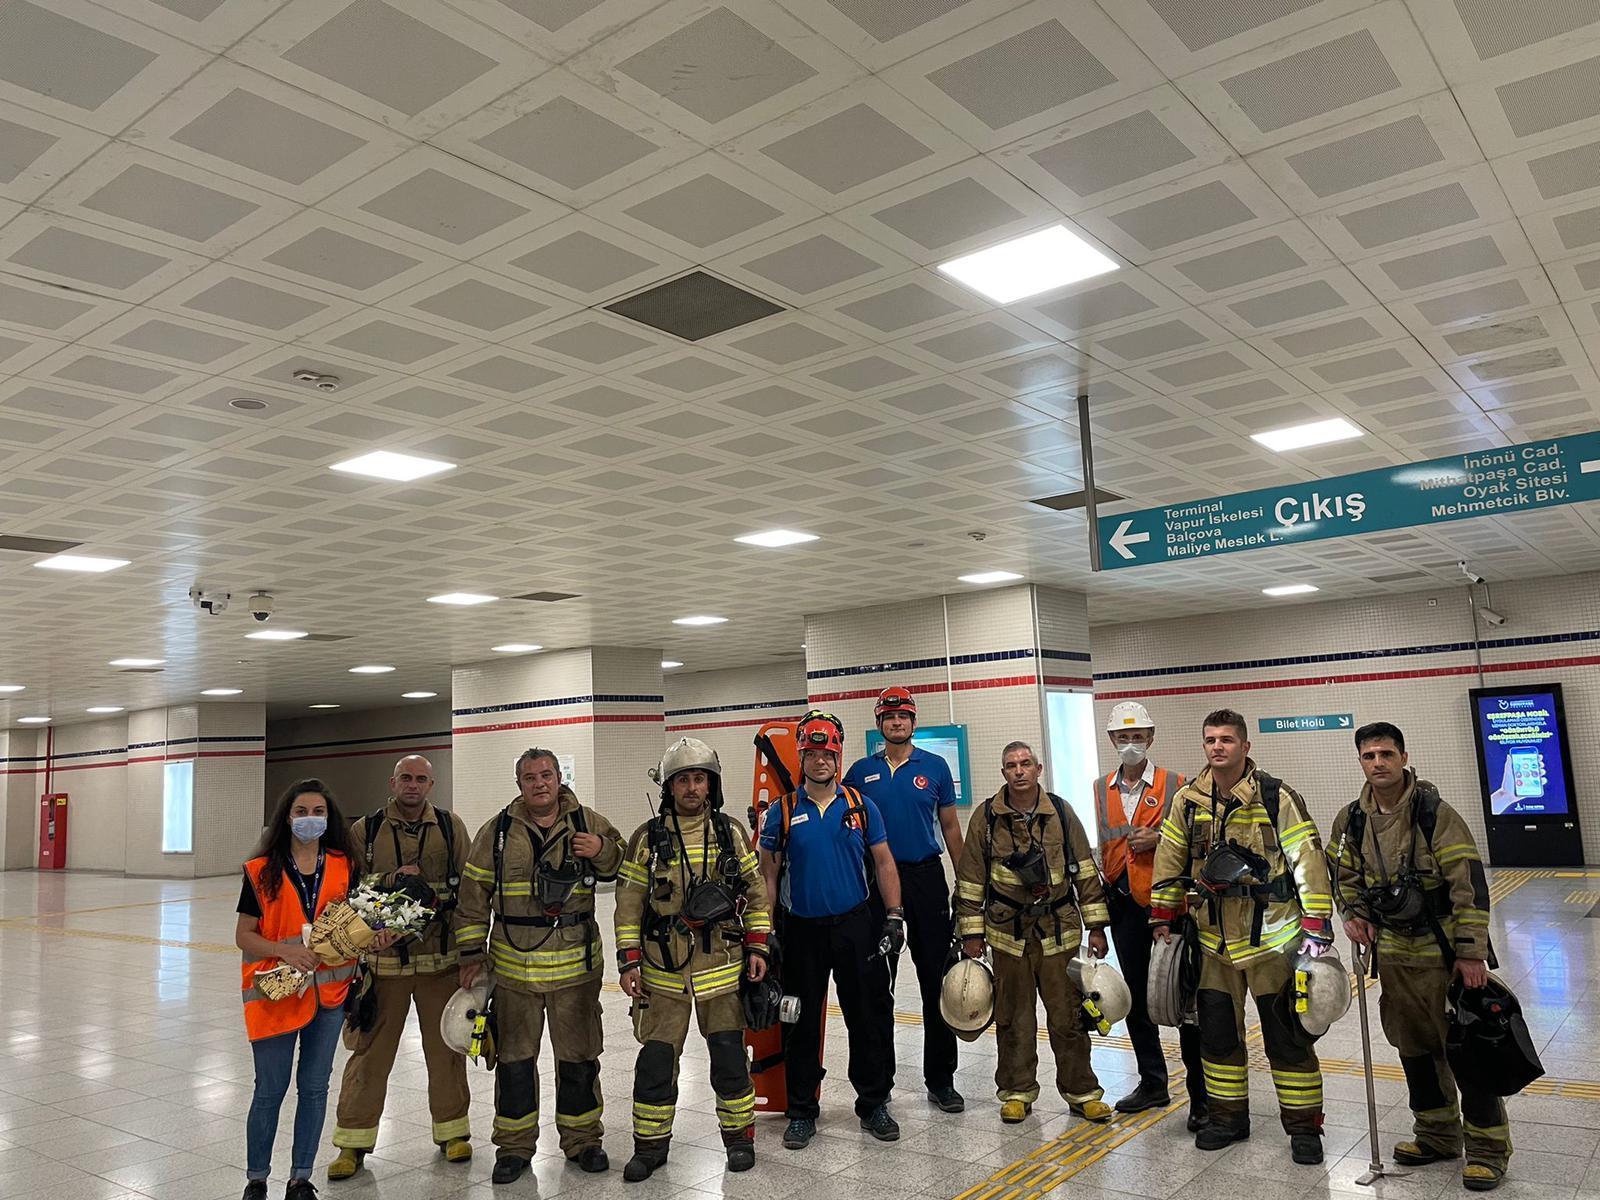 İzmir'de metro durakları arası yangın tatbikatı-yenigün gazetesi